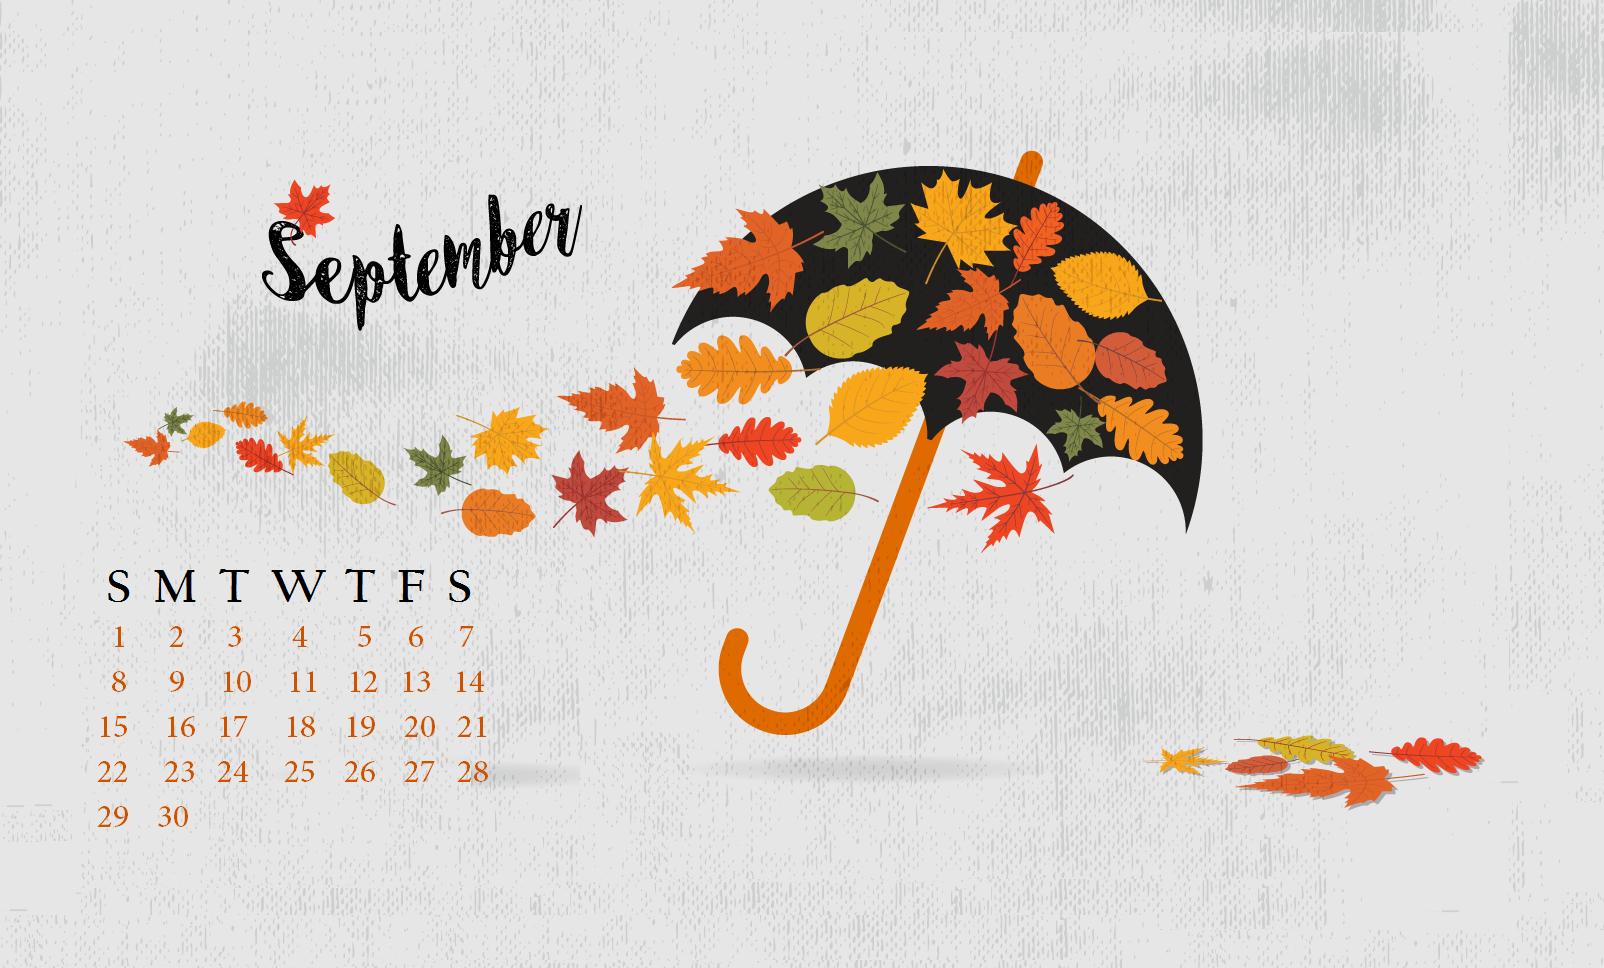 September 2019 Desktop Background Calendar Wallpaper 1604x968